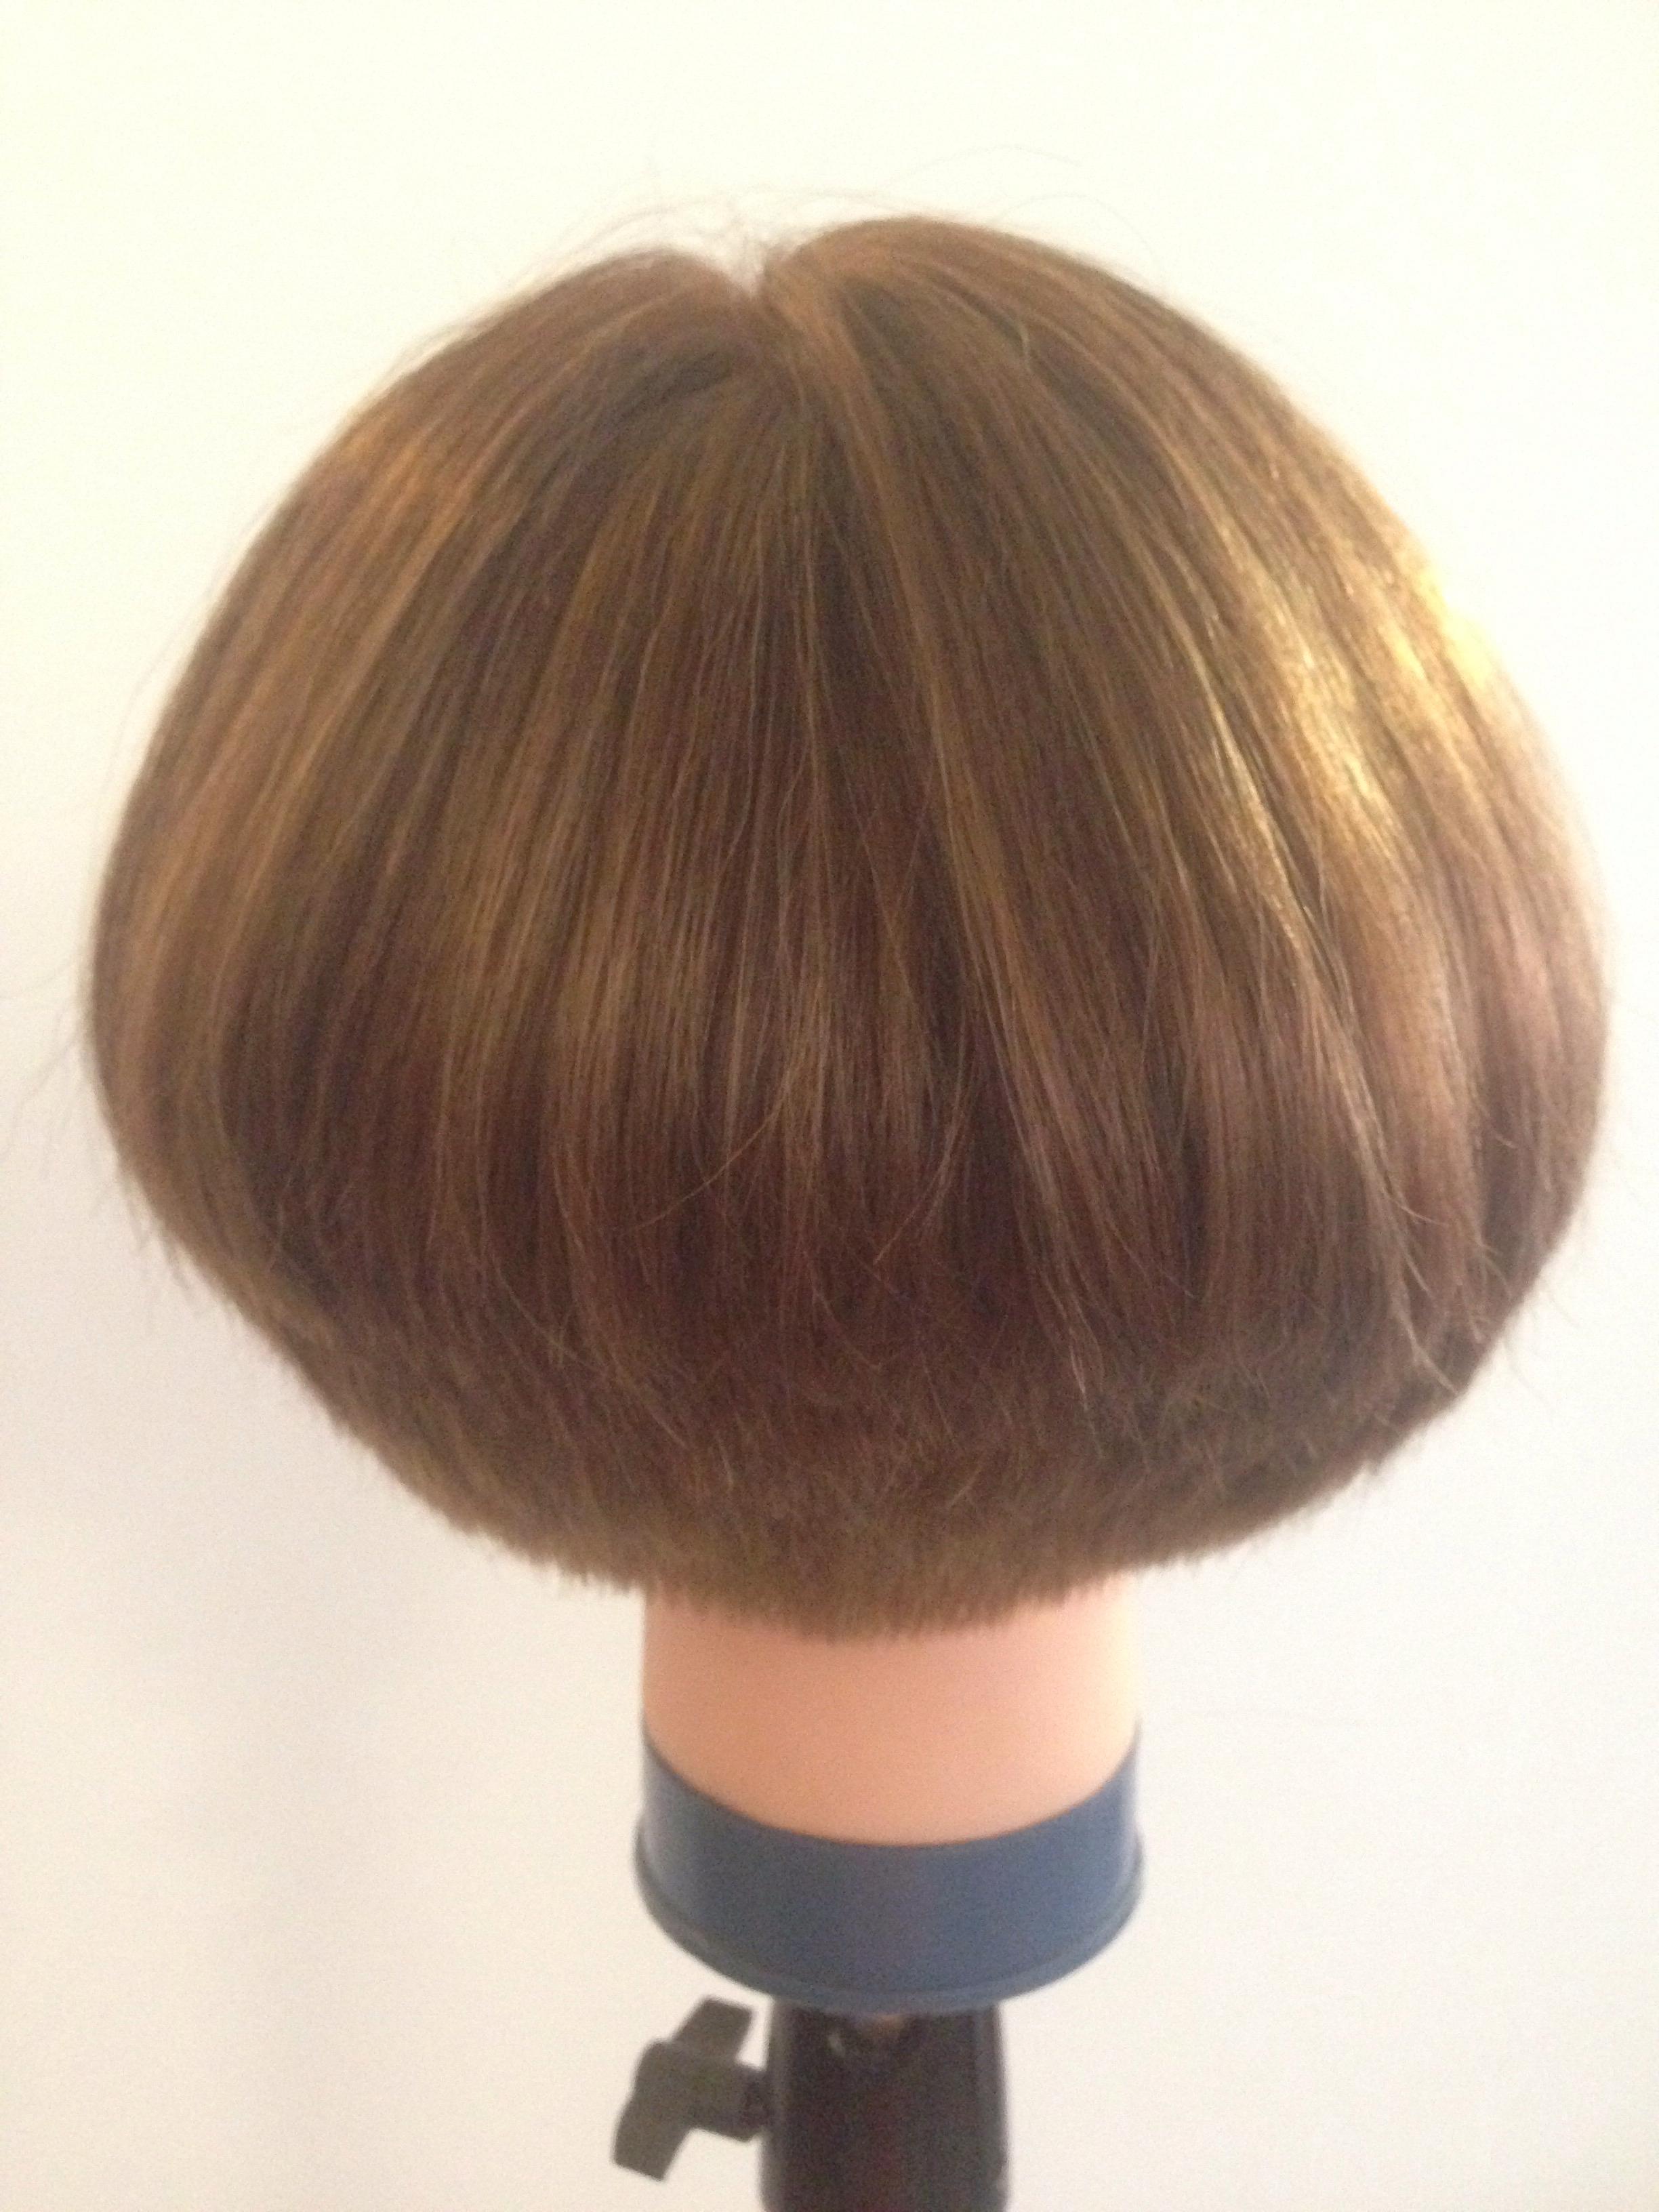 How To Do A Graduated Bob Haircut Tutorial By Georgieg Mhd